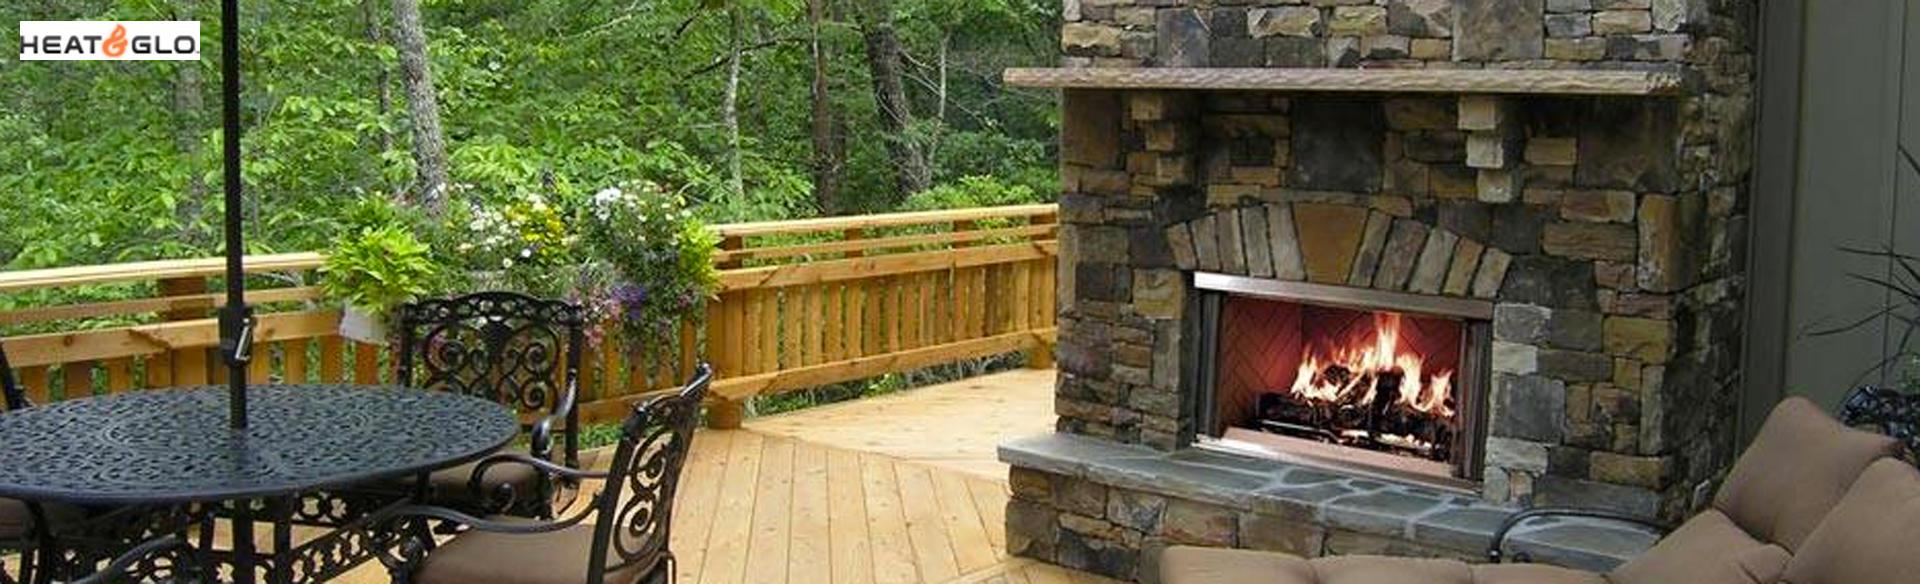 Economy Fireplace image 1